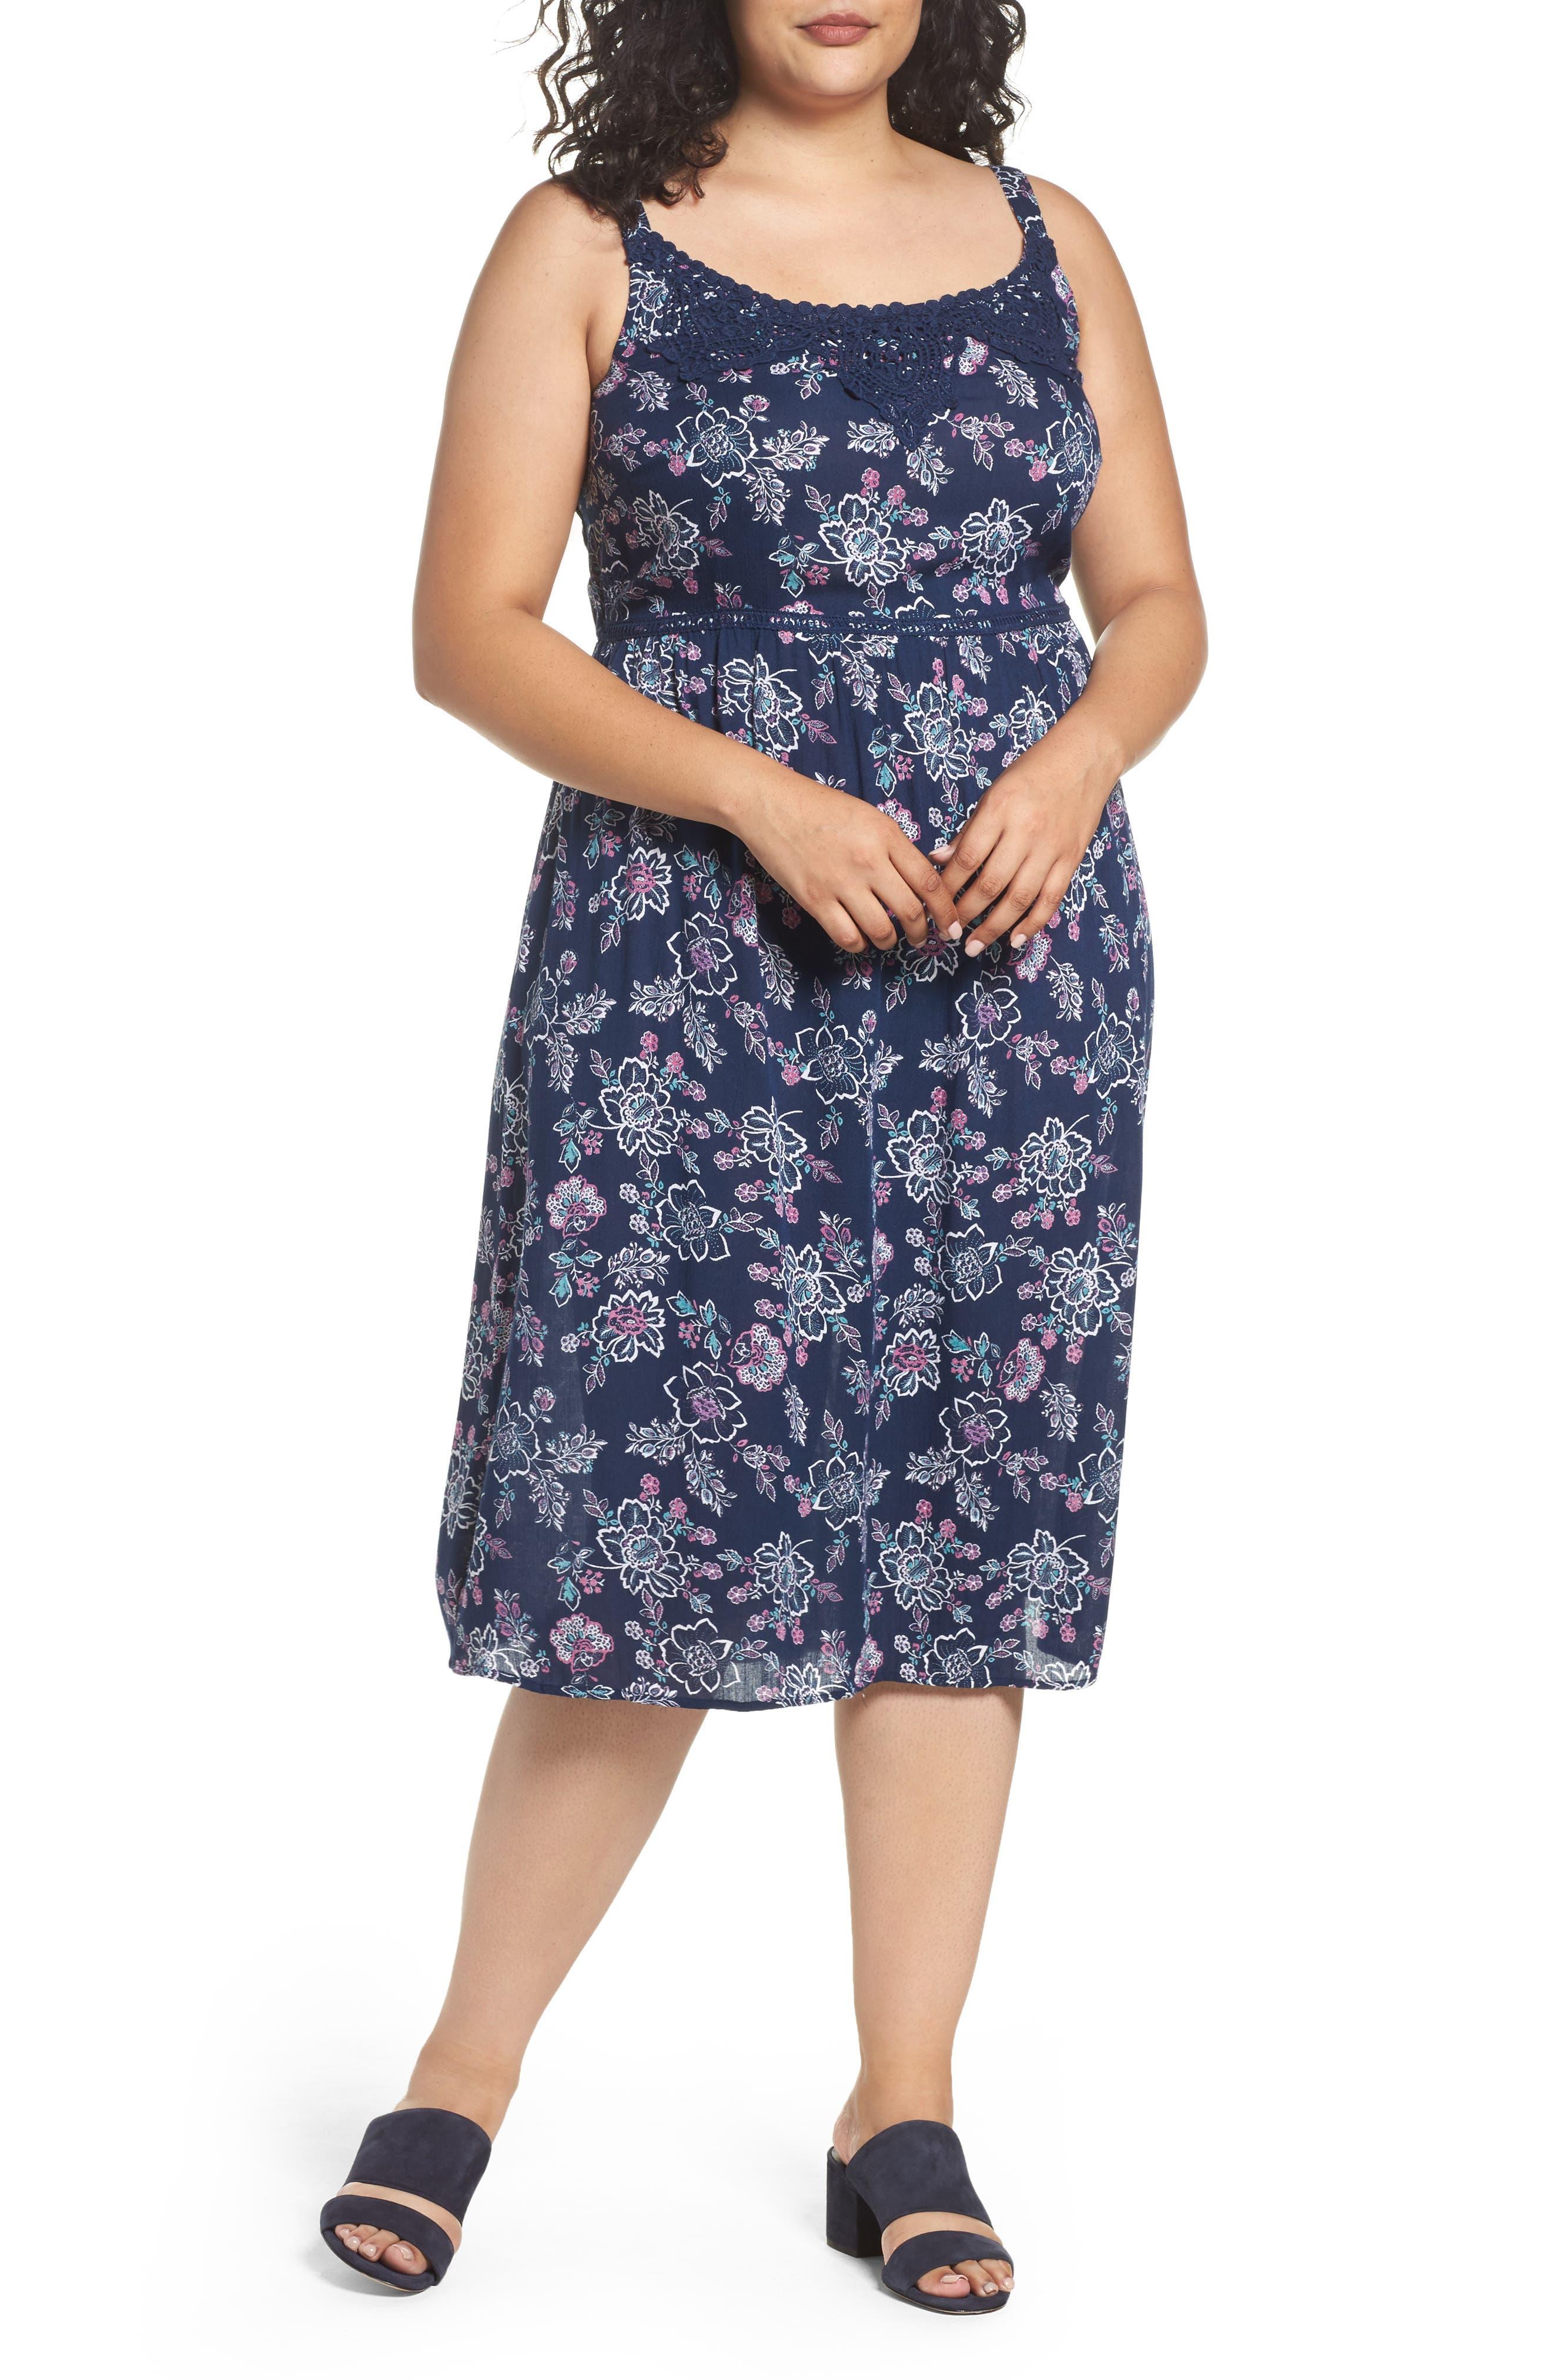 Main Image - Evans Floral Print Crochet Trim Dress (Plus Size)